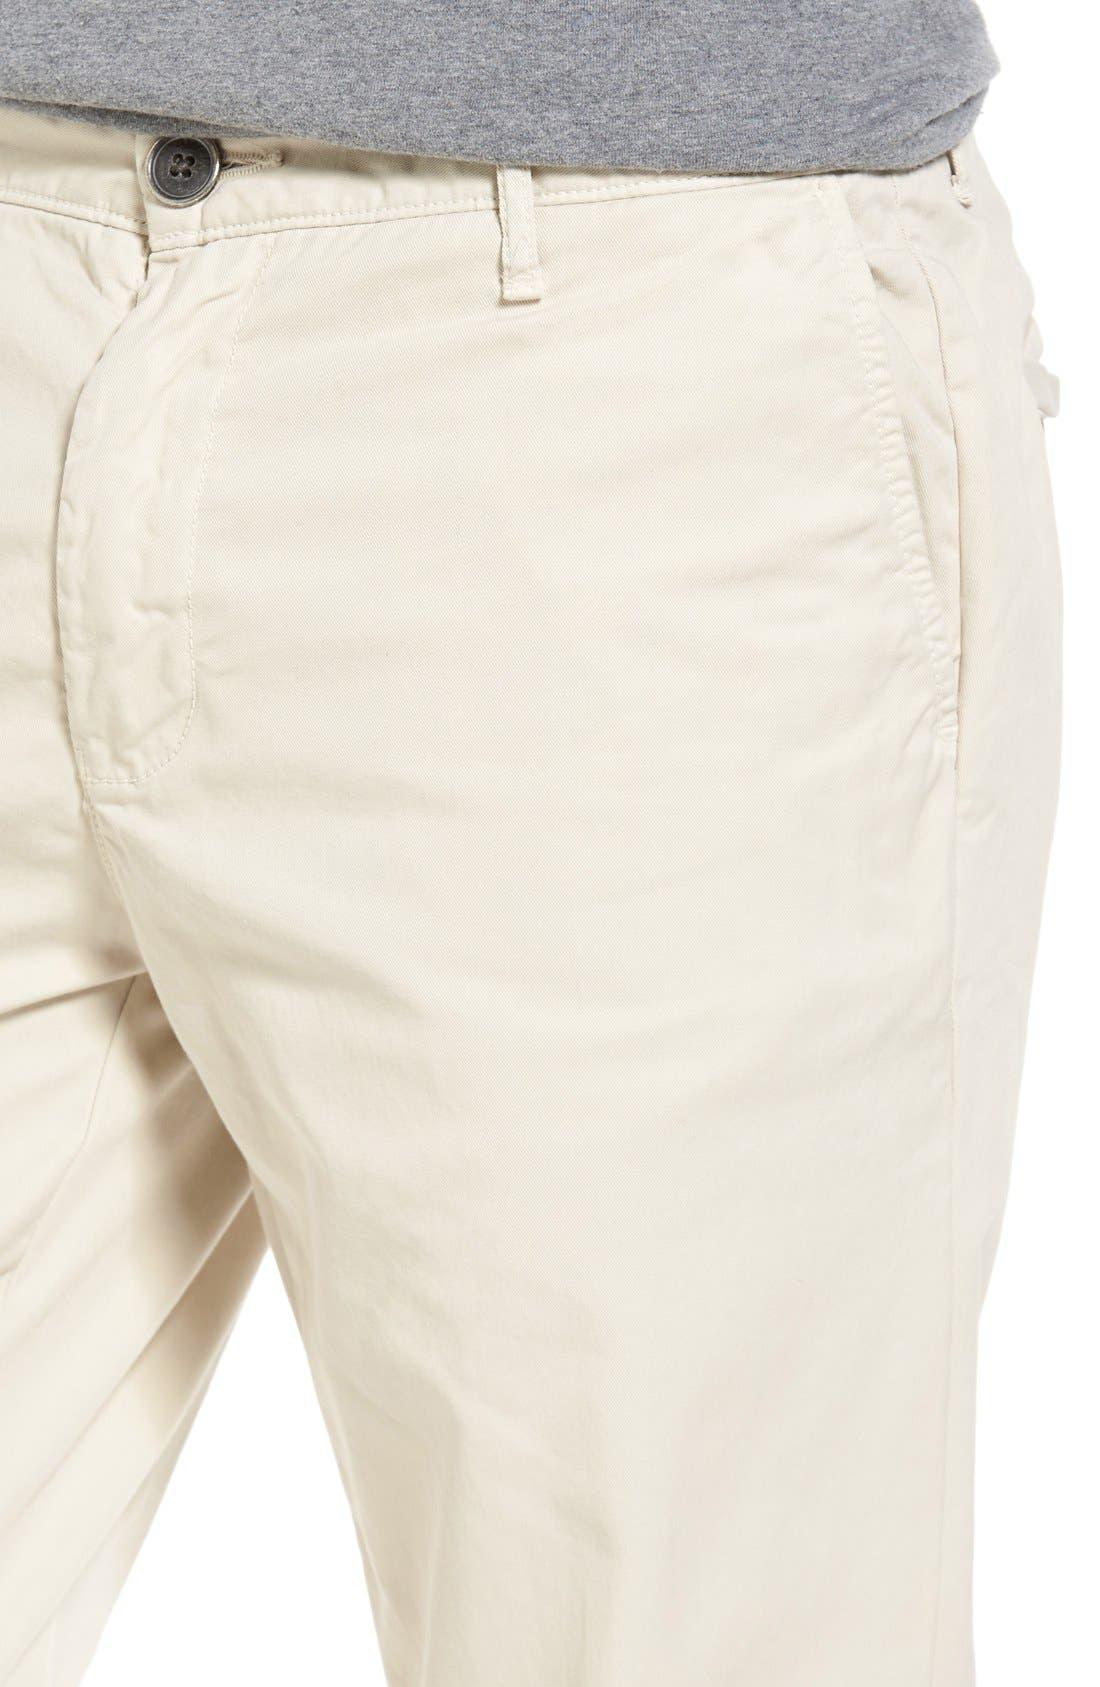 Mason Chino Pants,                         Main,                         color, 283